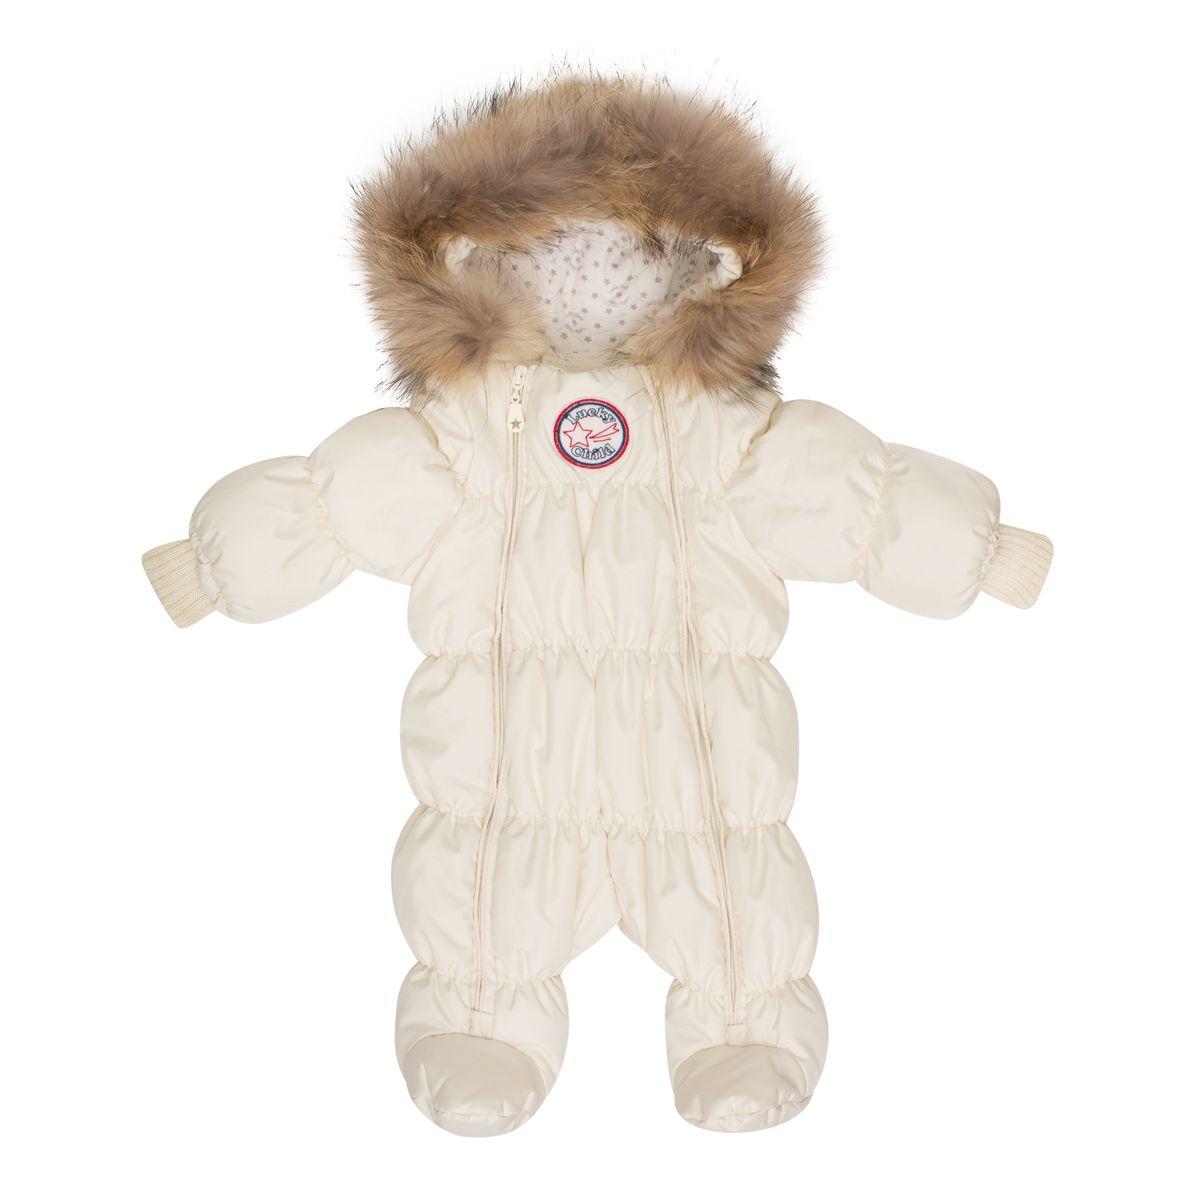 Комбинезон детский Lucky Child, цвет: молочный. В1-2. Размер 68В1-2Неважно, будет ли ваш кроха спать всю прогулку или пойдёт разглядывать снег, ему будет удобно в этом тёплом и лёгком комбинезоне. Сверху - качественная курточная ткань с влагостойкой пропиткой, внутри - наполнитель Isosoft и трикотажная подкладка с воздухопроницаемыми и водоотводными свойствами. Подходит для прогулок при температуре до -30°. Удобная двойная молния позволяет легко одеть и раздеть ребёнка или просто поменять подгузник и продолжить прогулку. Ручки младенца можно легко спрятать в отворачивающуюся «варежку». Капюшон оторочен натуральным мехом енота.